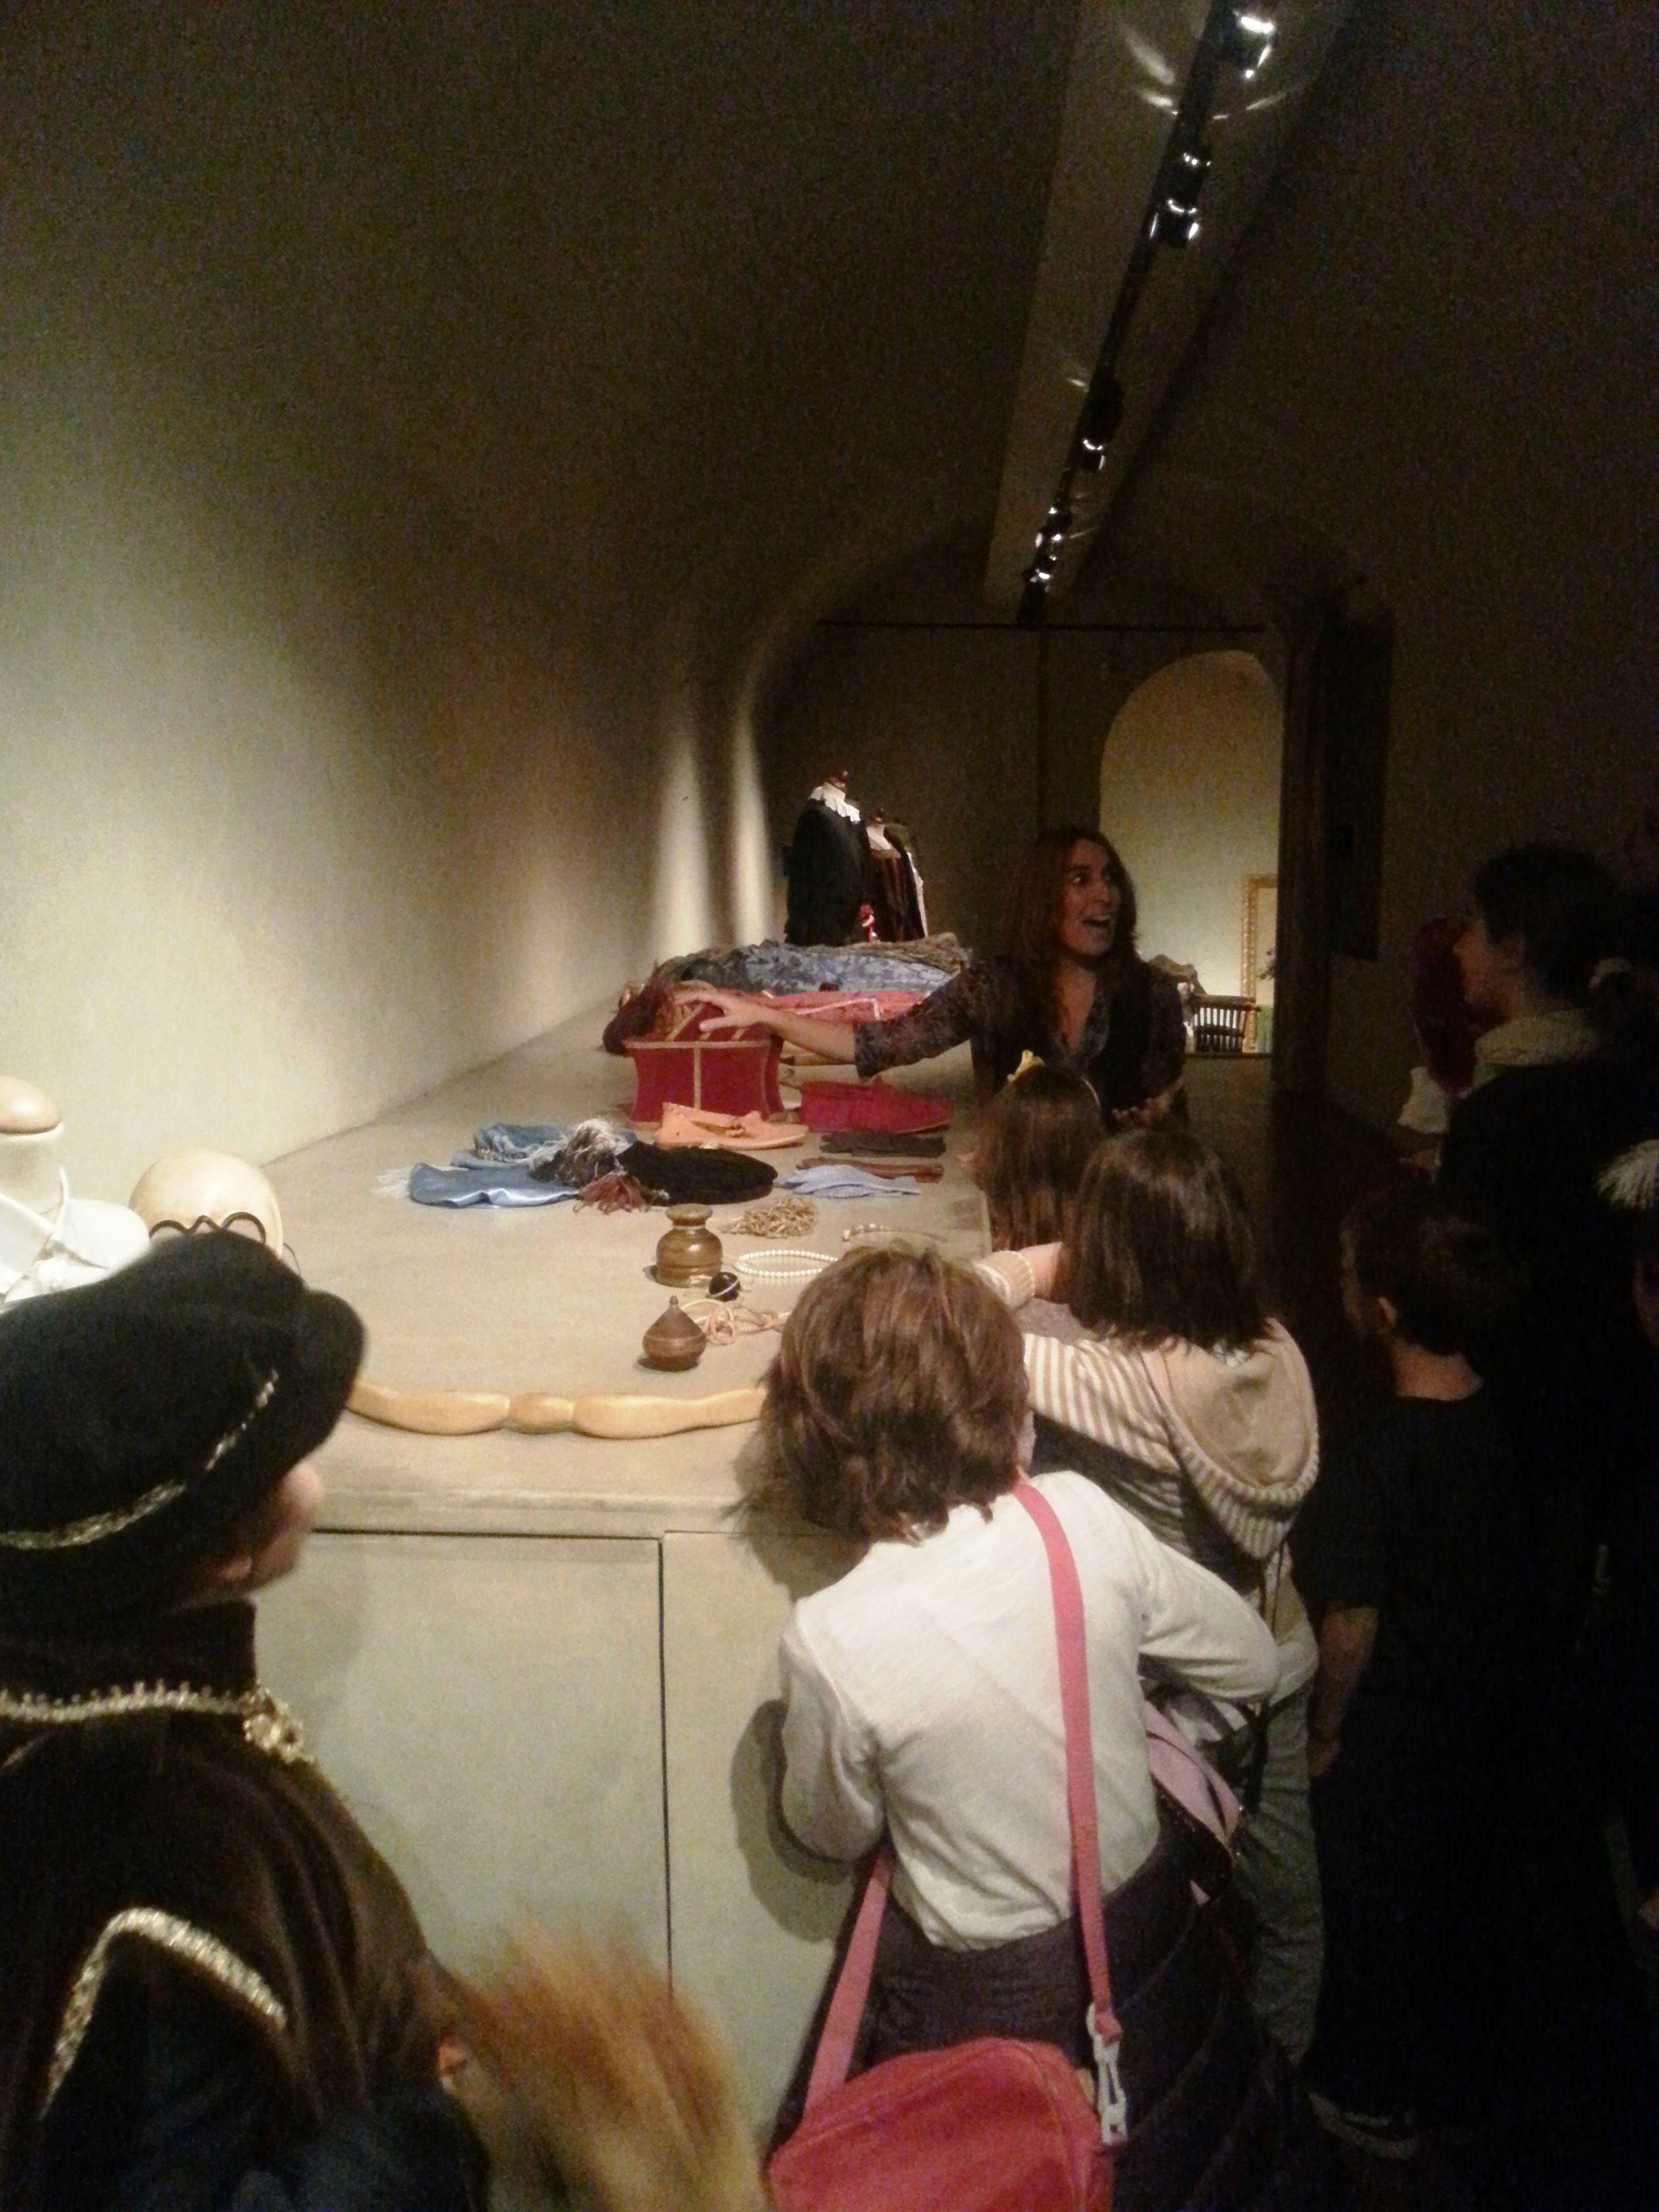 Museo dei ragazzi: Vita di corte. Visita guidata per ragazzi a Palazzo Vecchio.